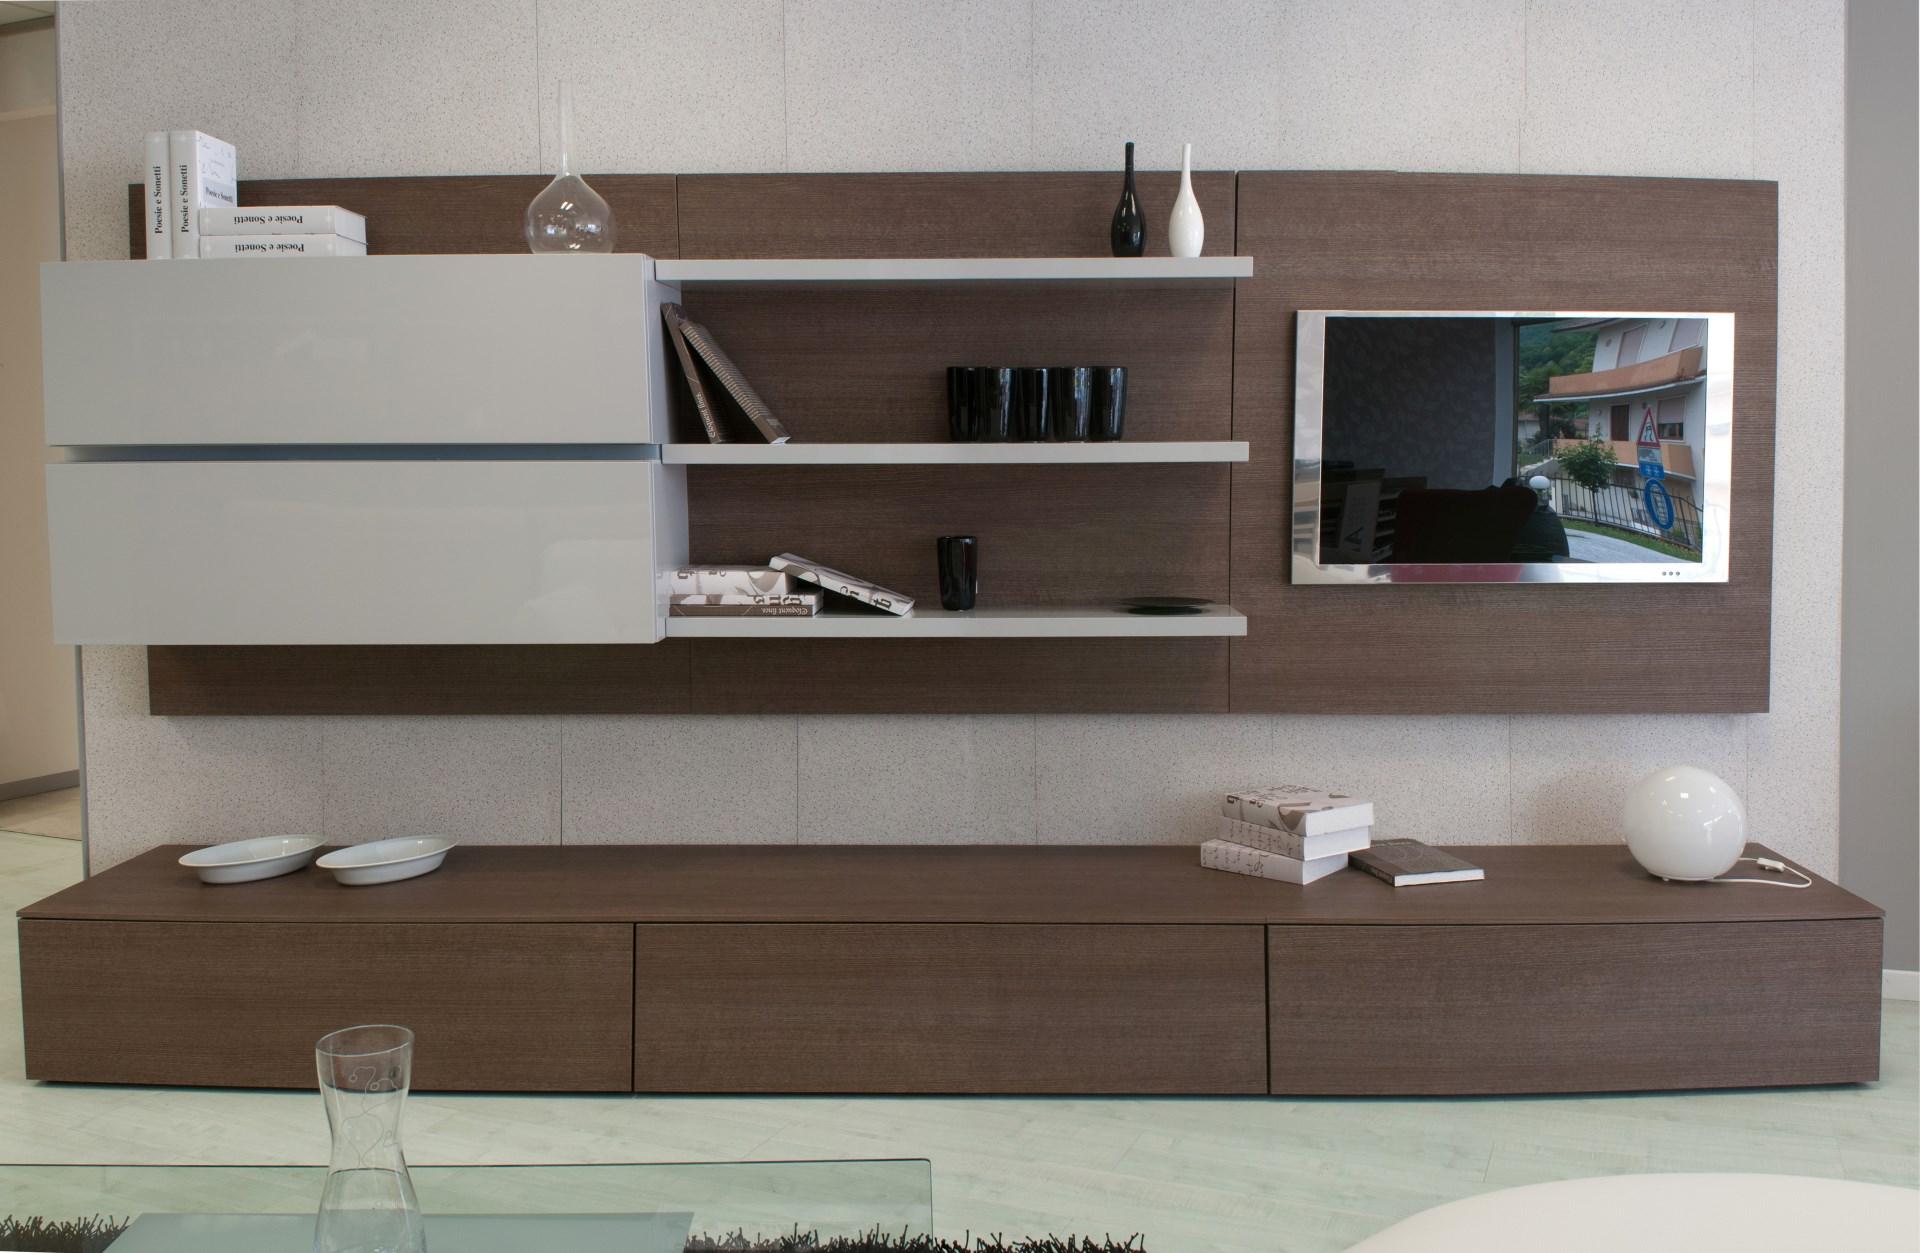 Soggiorni conforama le migliori idee per la tua design per la casa